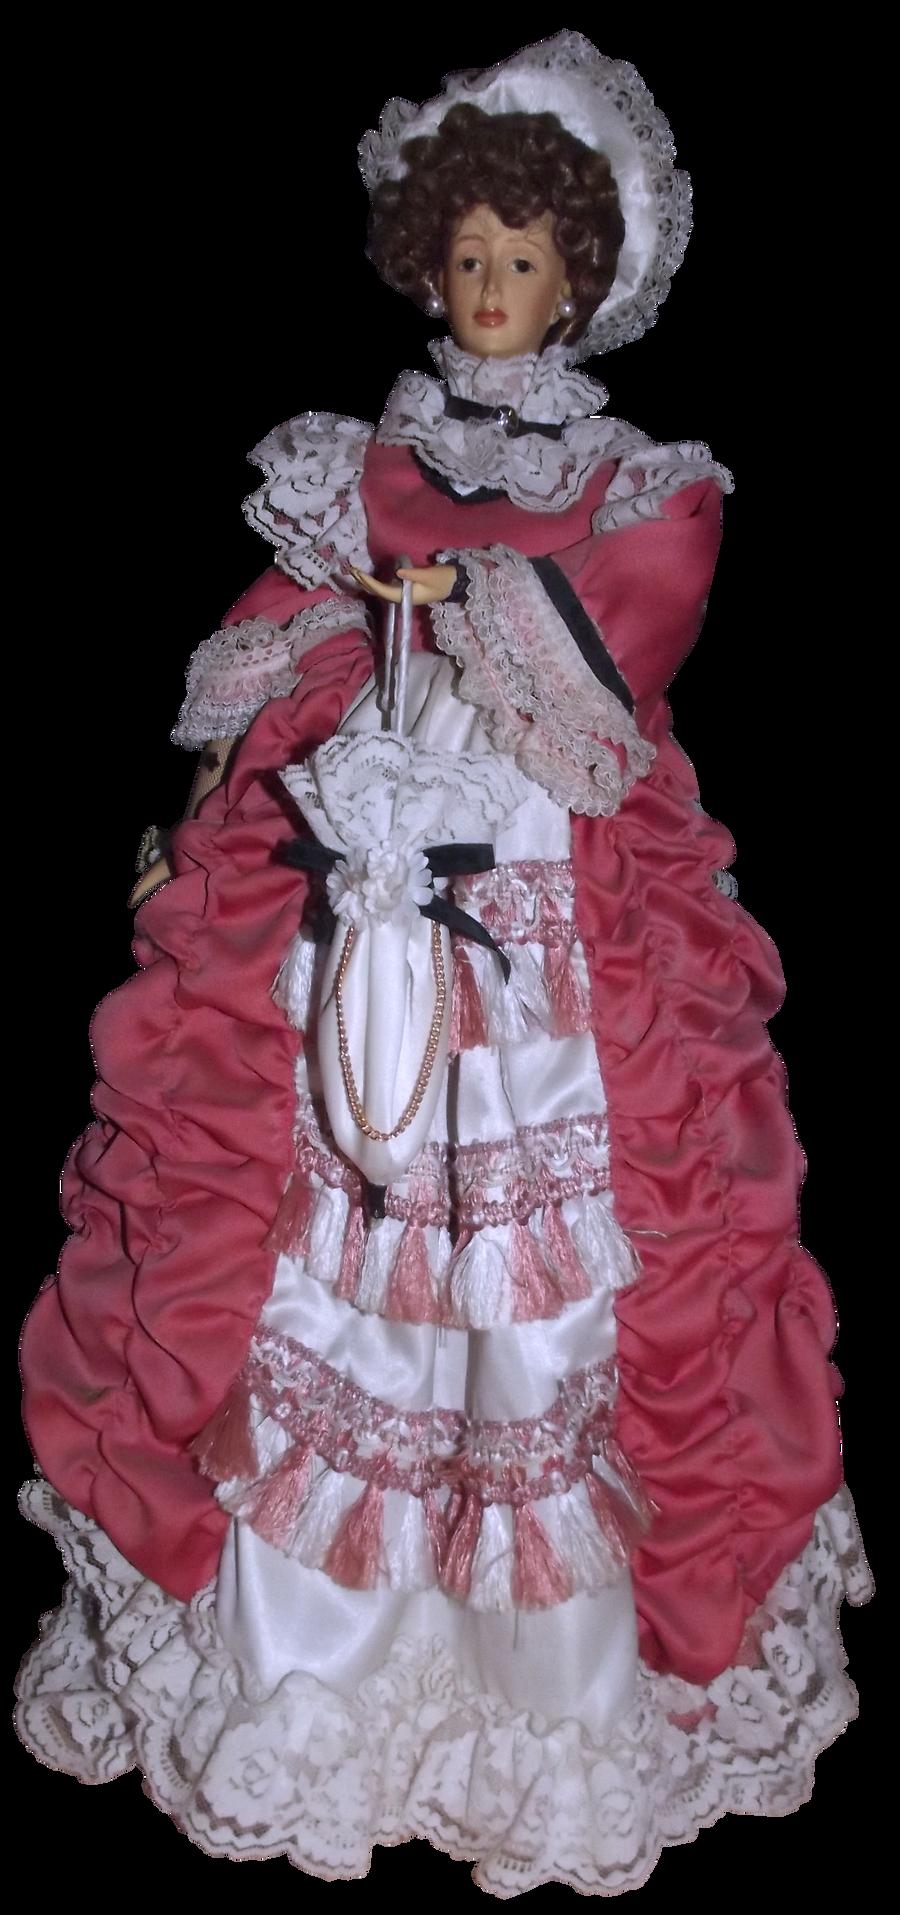 Antique Doll 002 - Clear Cut [UPDATE]